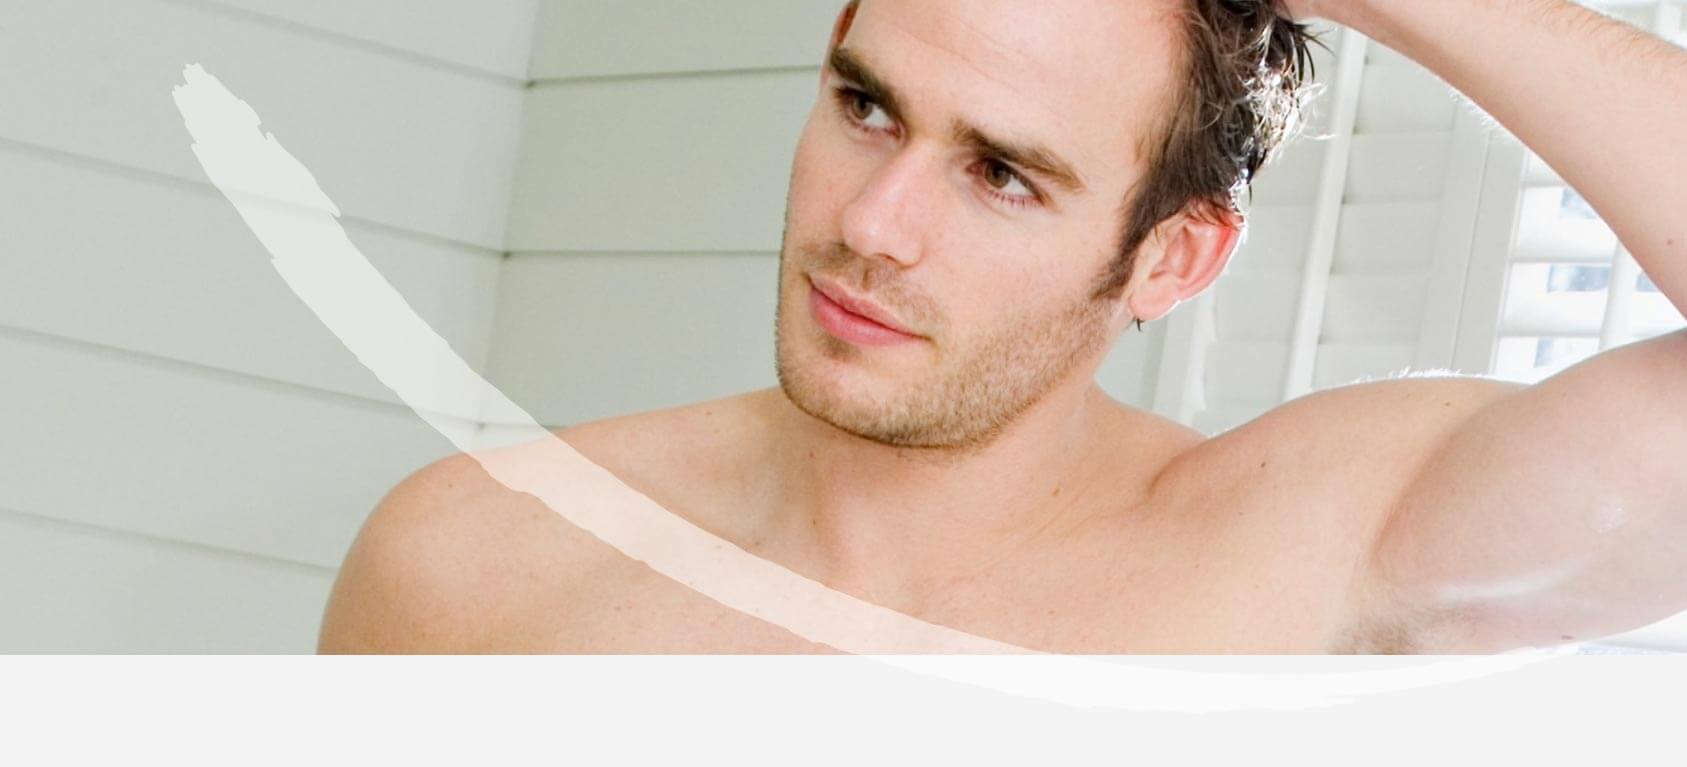 Medicina y cirugía estética en varones